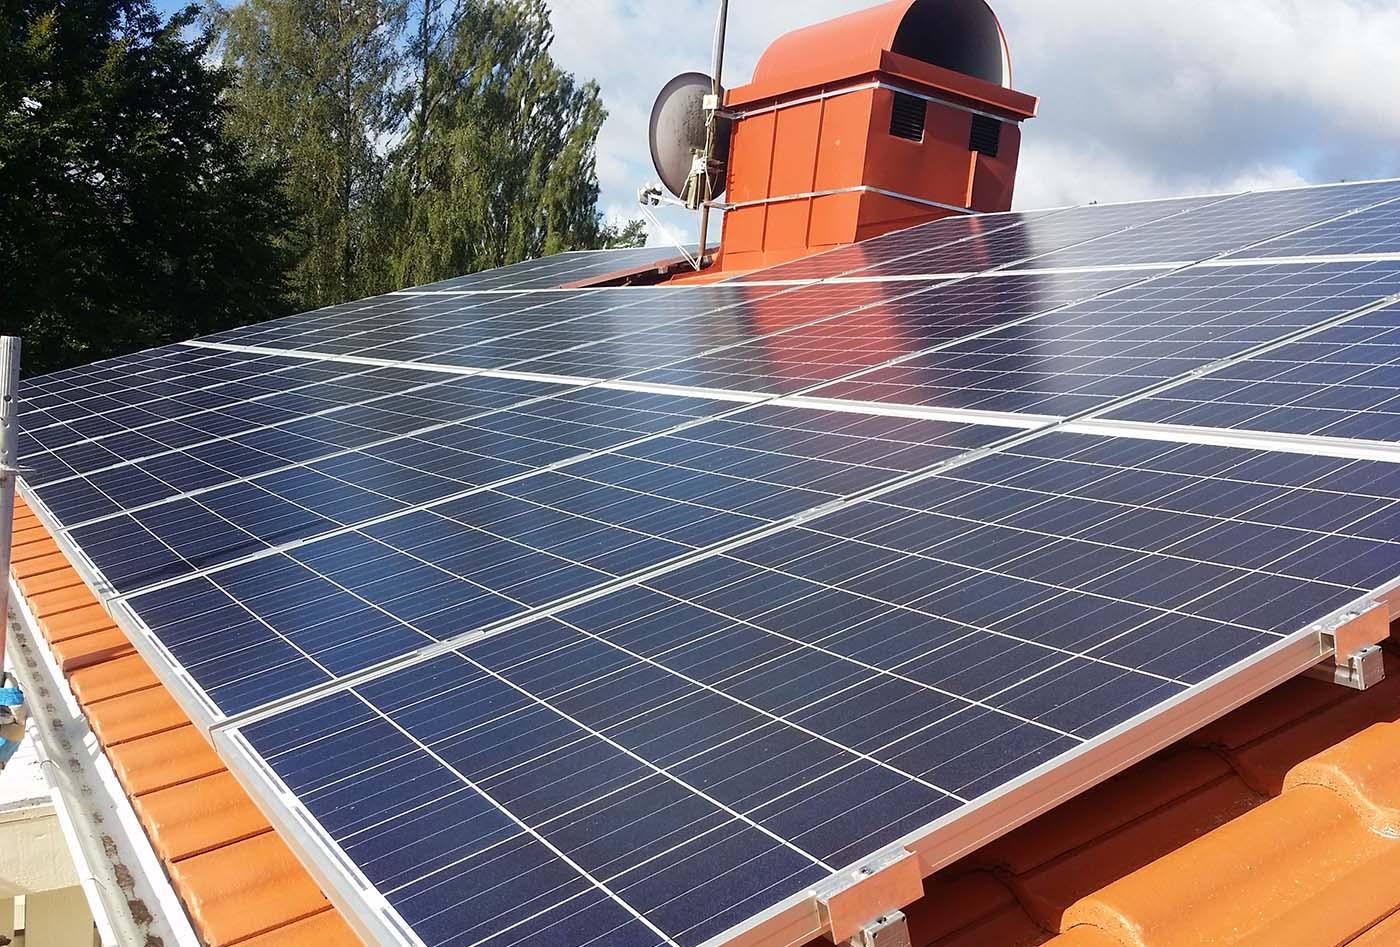 Vårt företag erbjuder även installation och montering av solceller, som här på ett tegeltak.